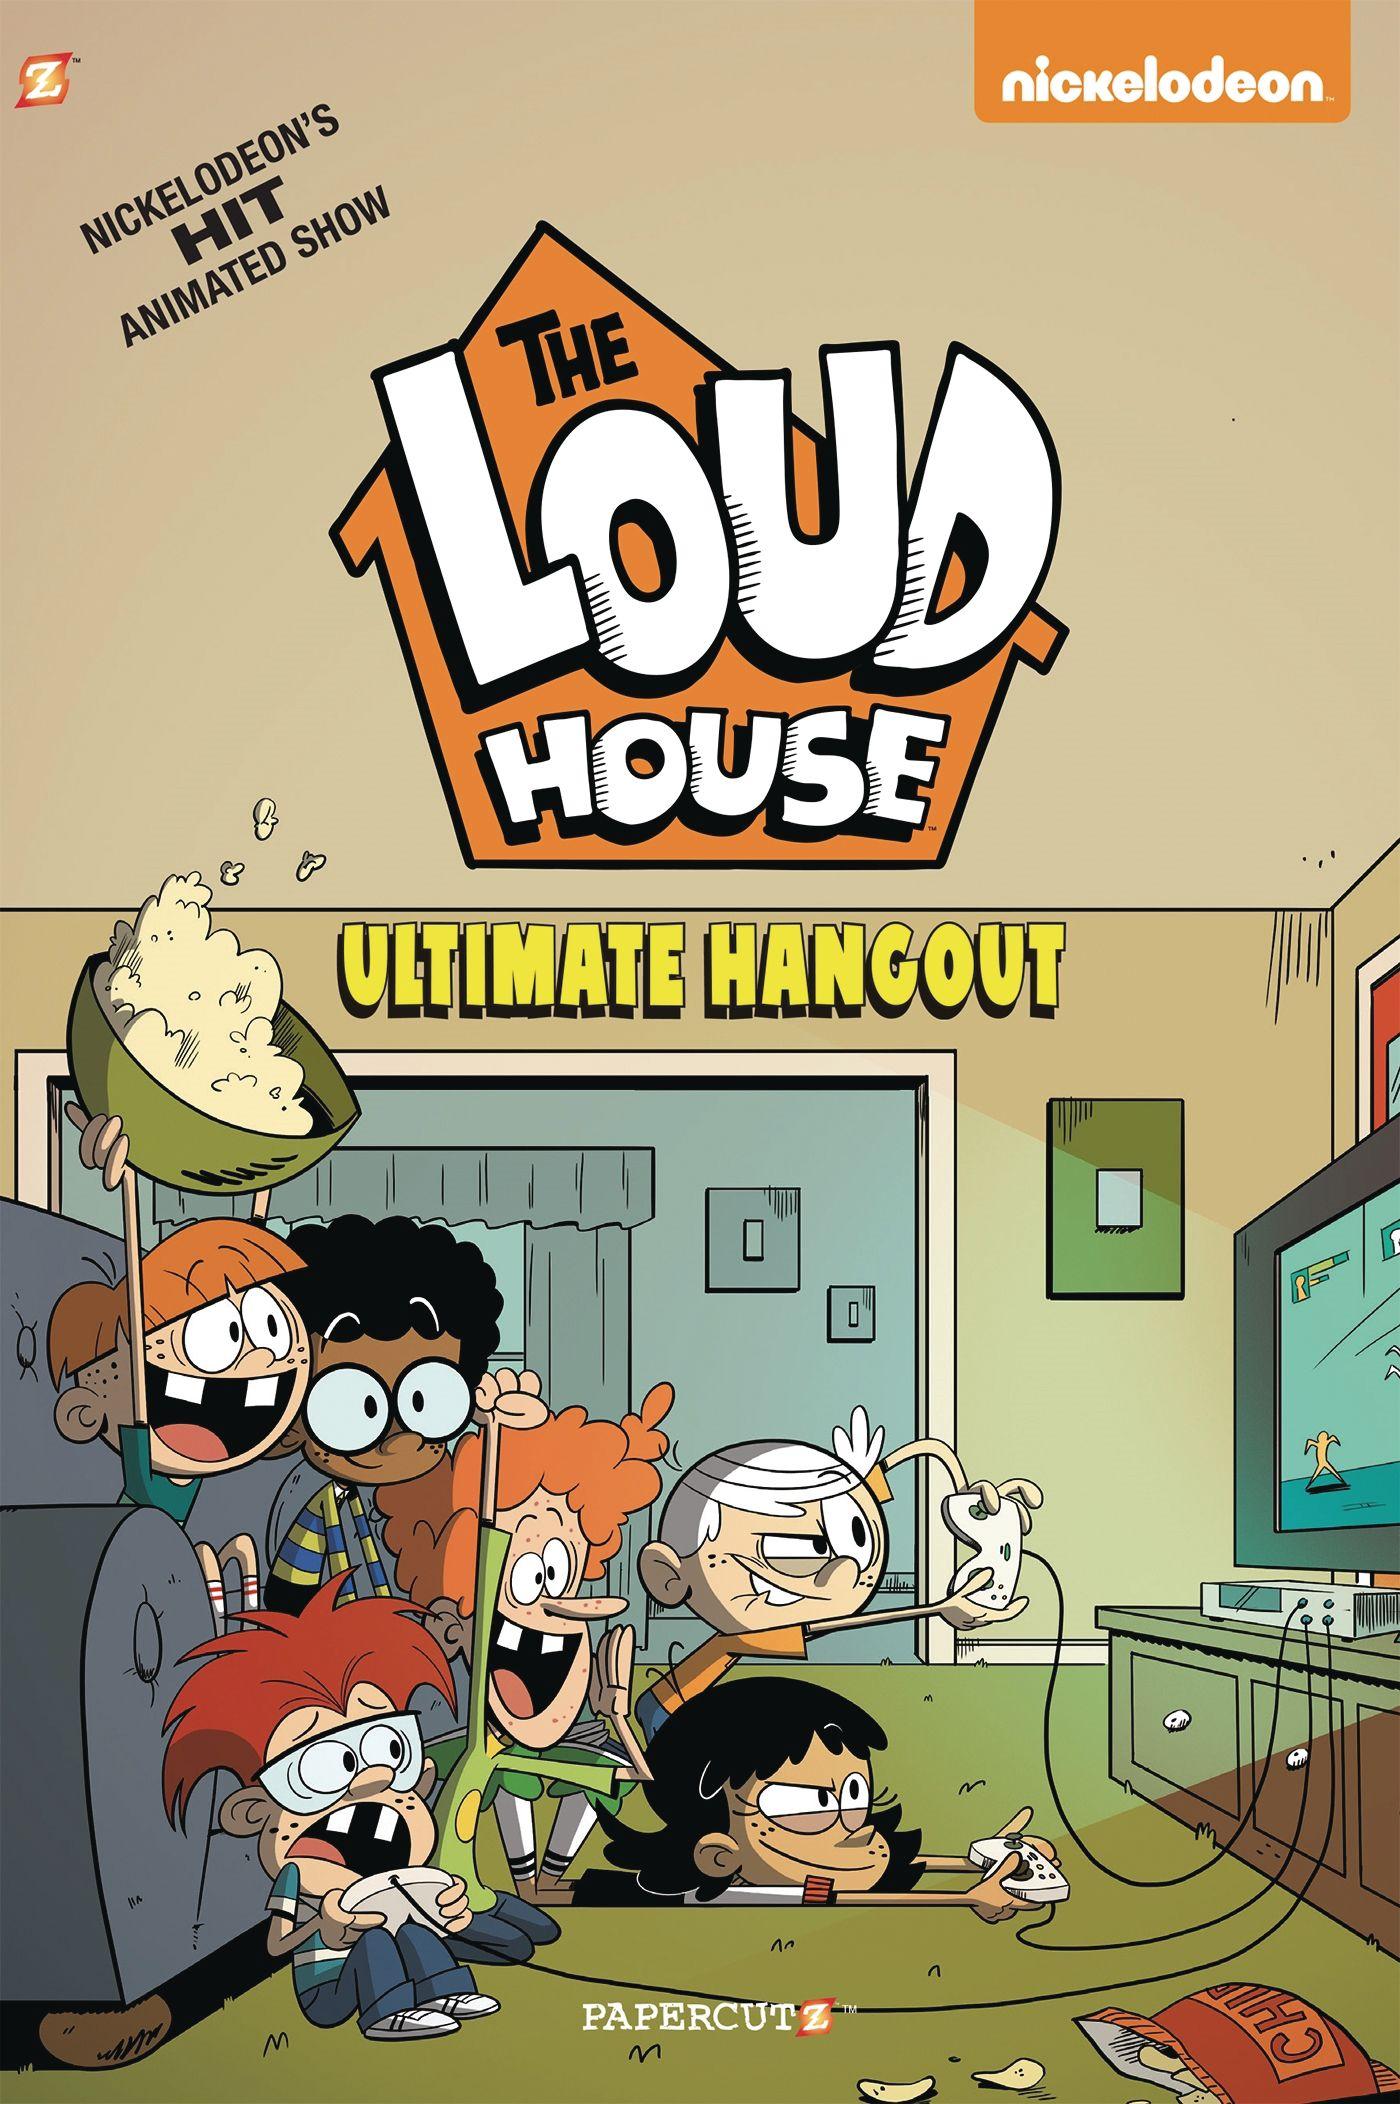 Jeux Bienvenue Chez Les Loud : bienvenue, FEB201901, HOUSE, ULTIMATE, HANGOUT, Previews, World, House, Fanart,, Characters,, Books